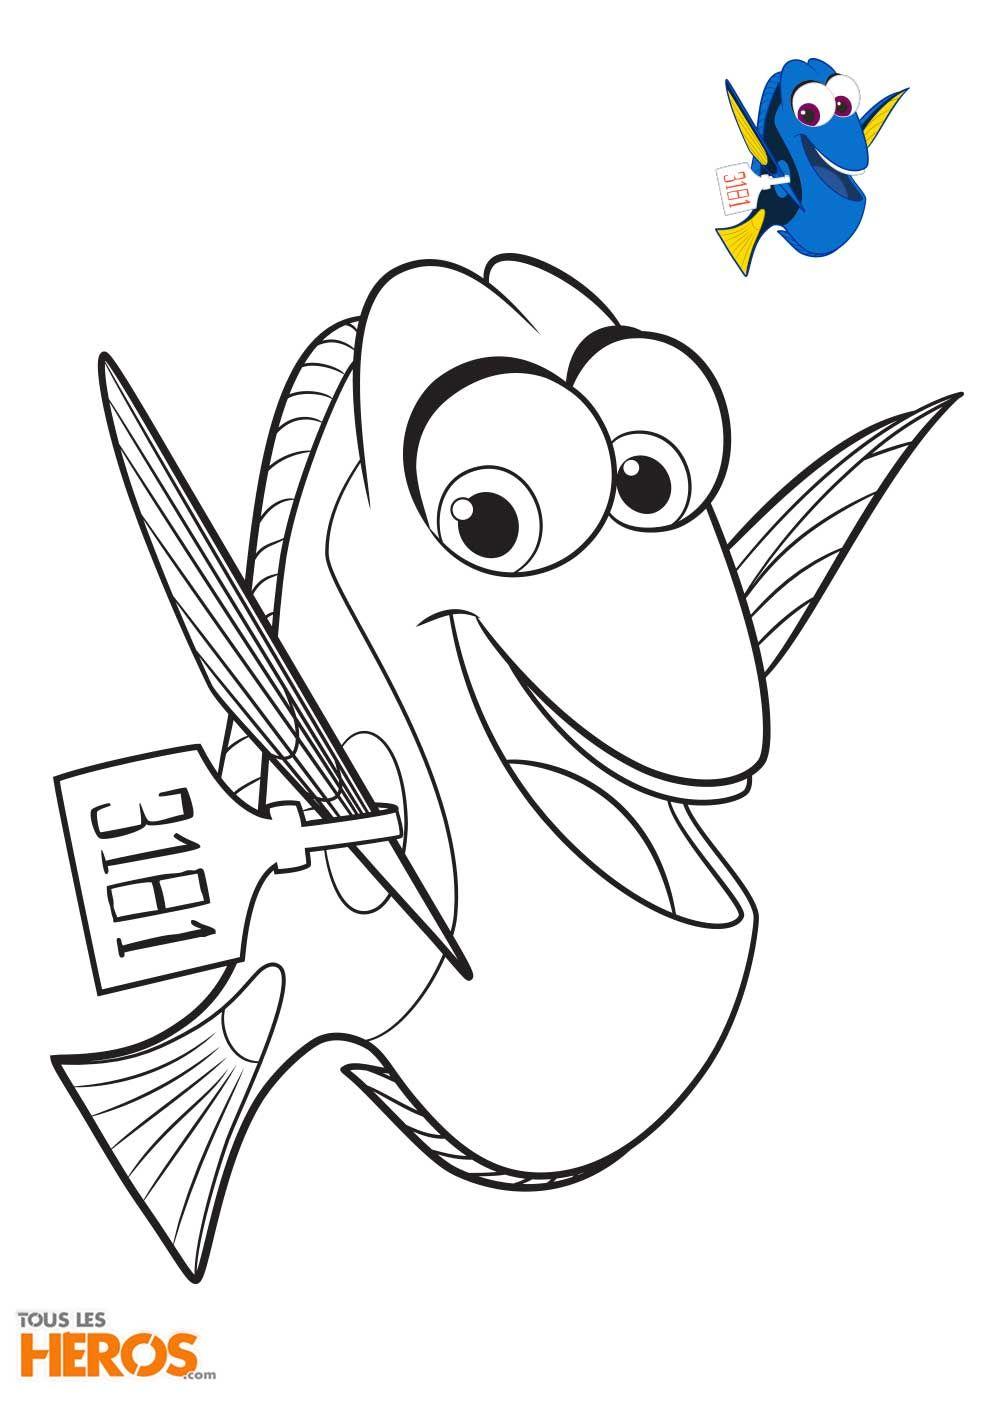 Rejoignez Les Poissons Nemo Et Dory Et Tous Leurs Amis Dans Leurs Aventures En Les Coloriant Coloriage Coloriage Disney Dessin A Colorier